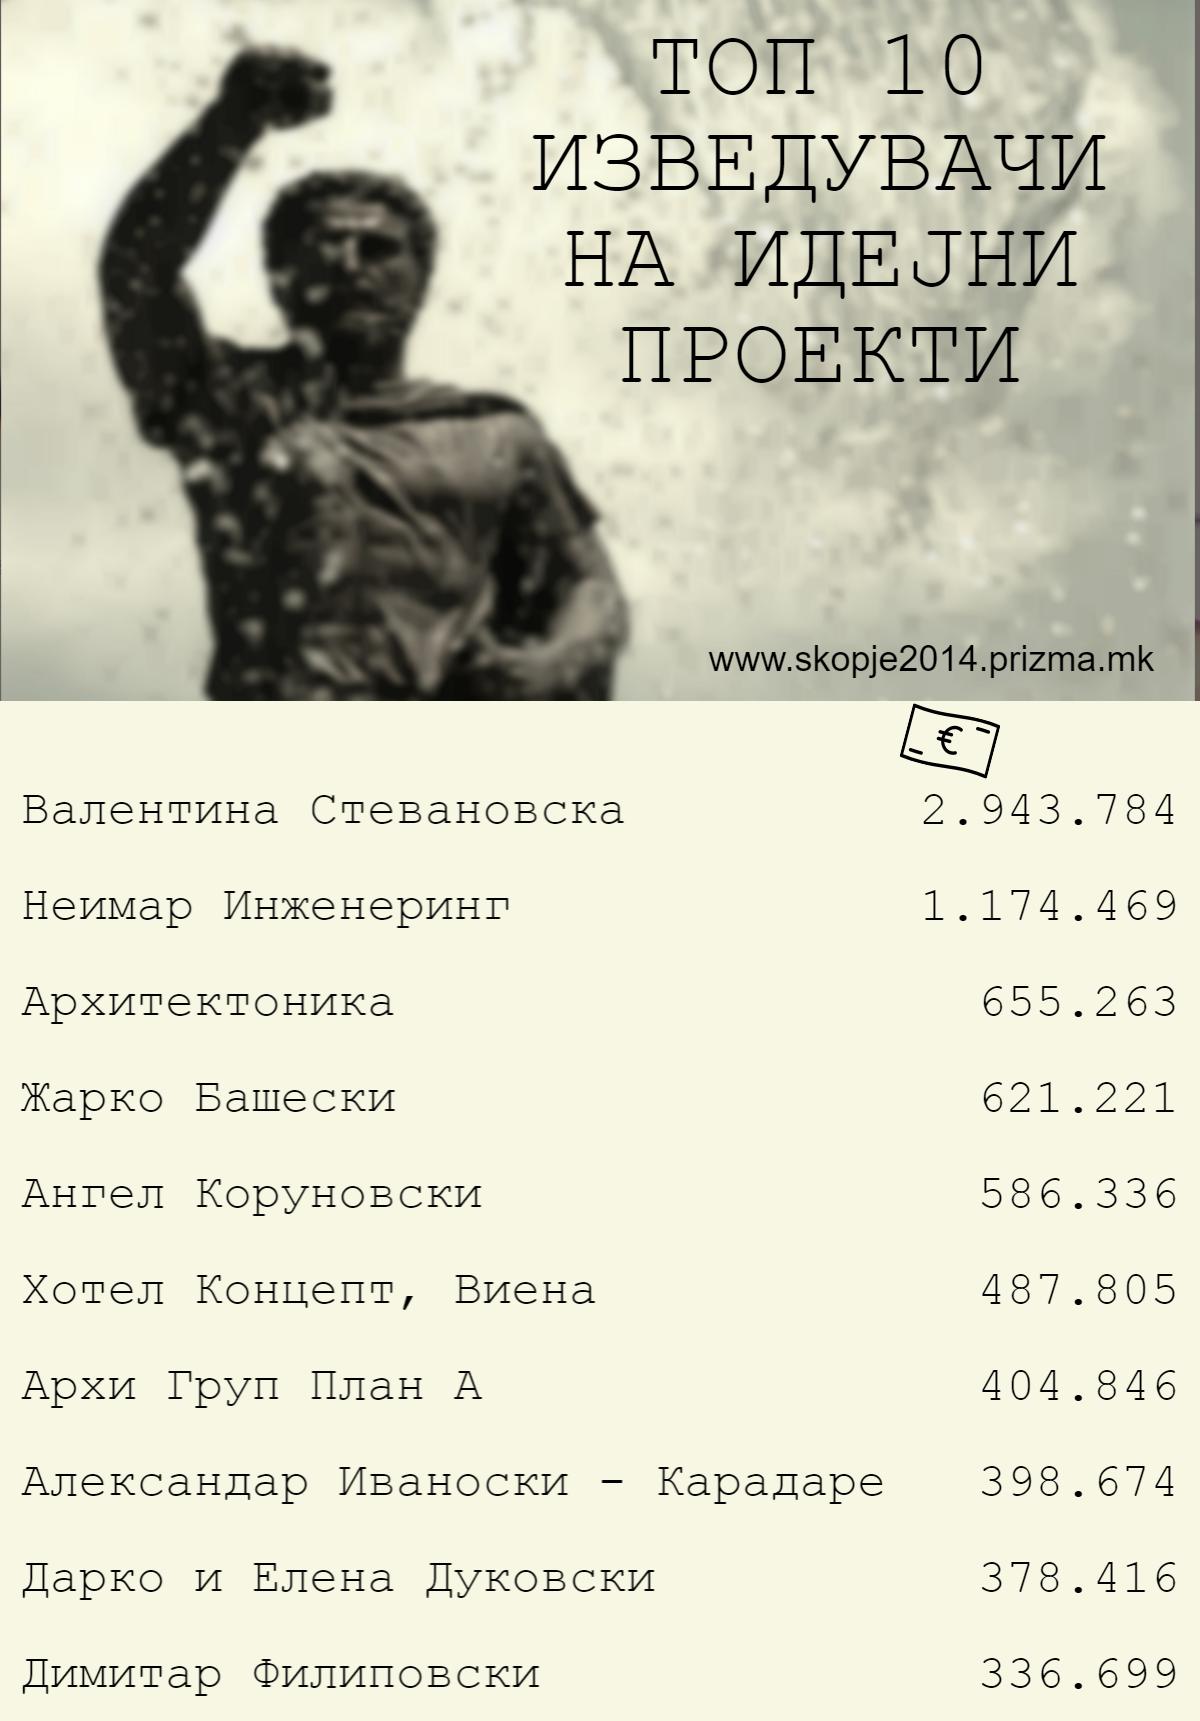 avtori-skopje-2014